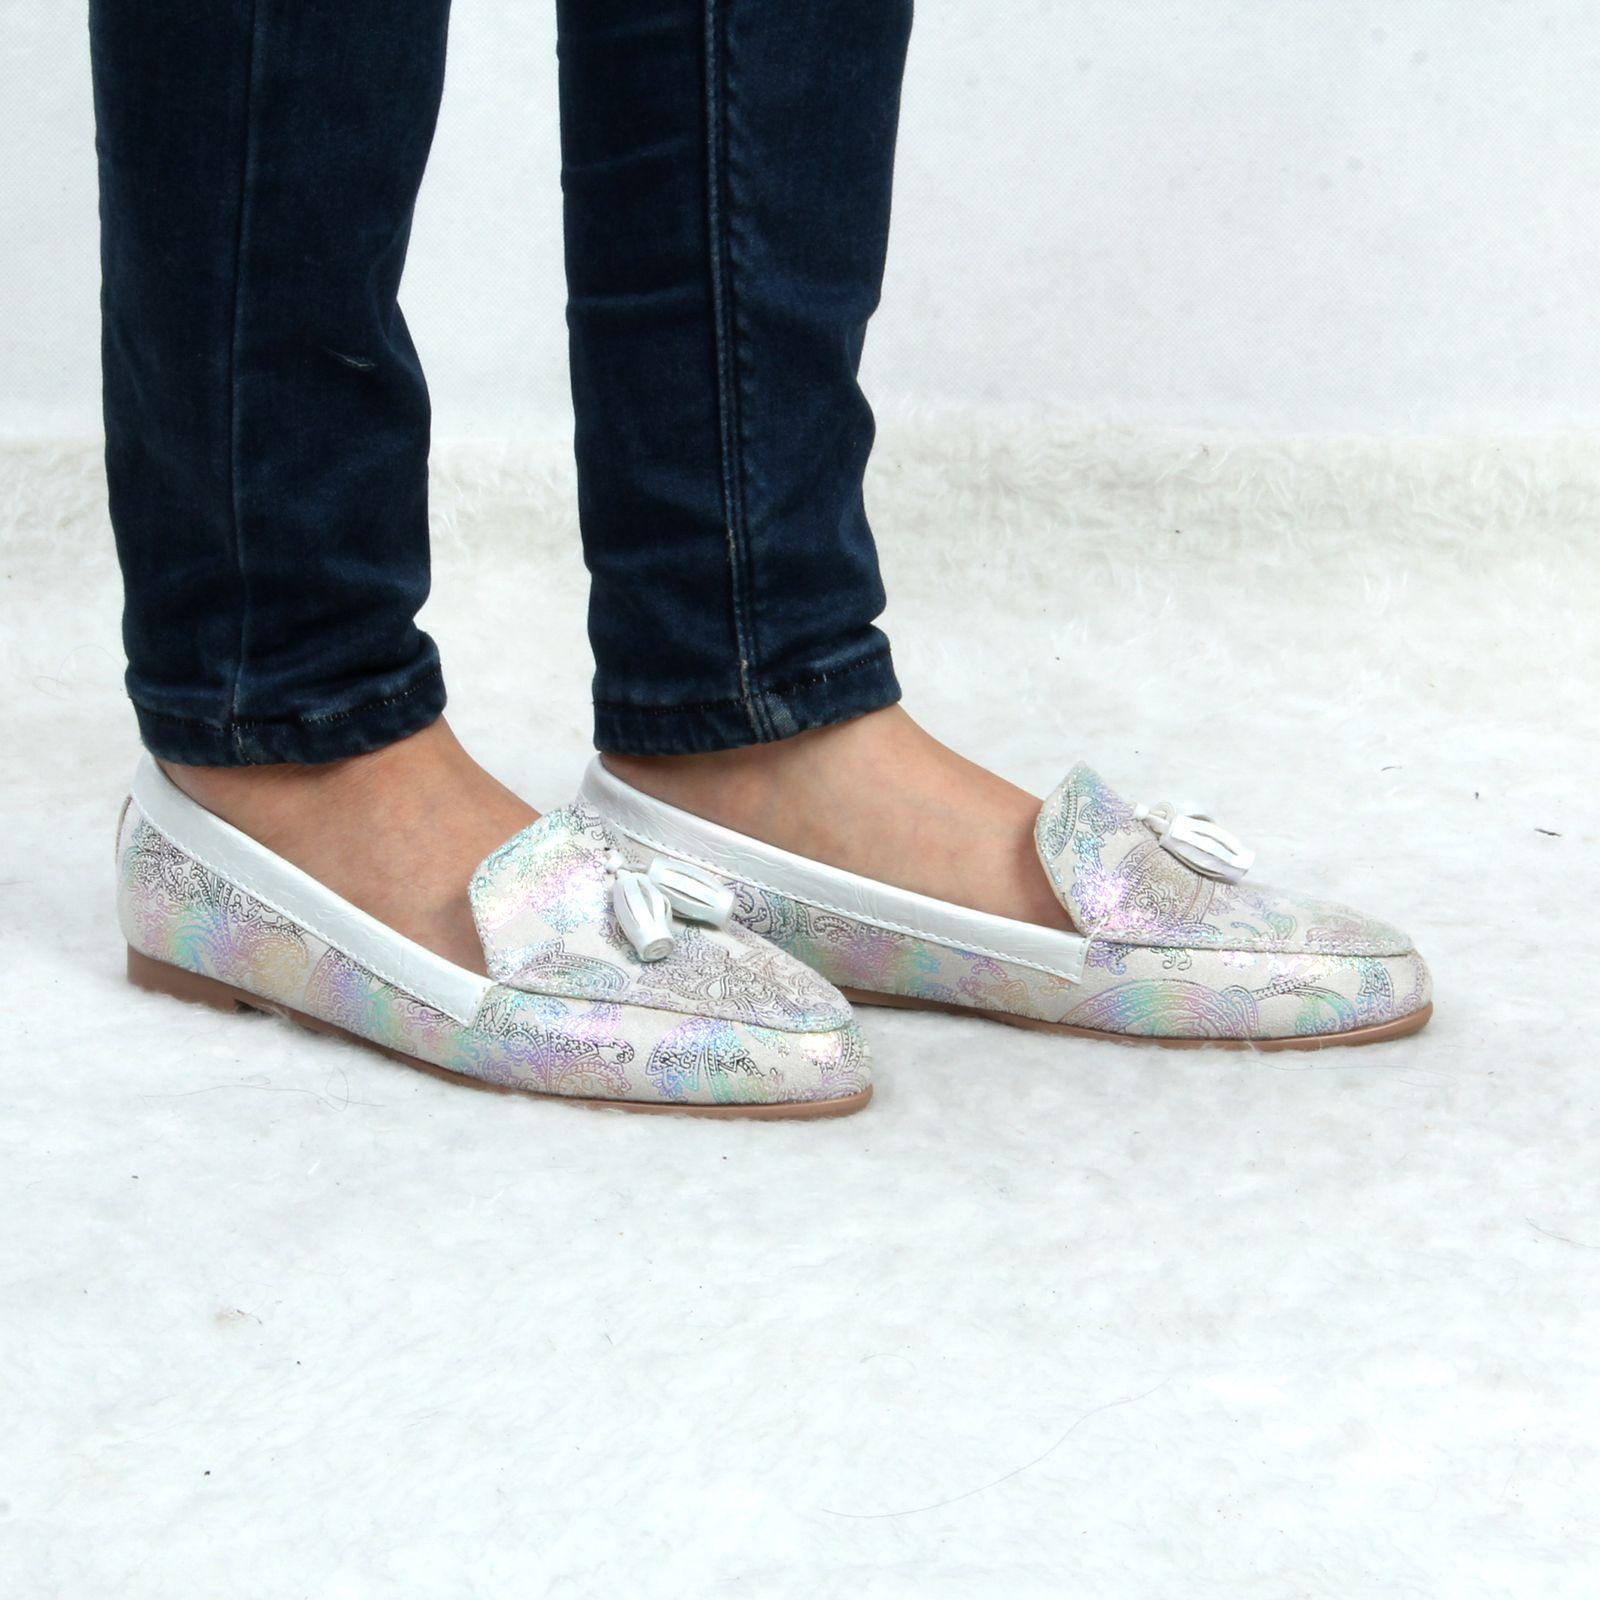 ست کیف و کفش زنانه کد st214 main 1 14